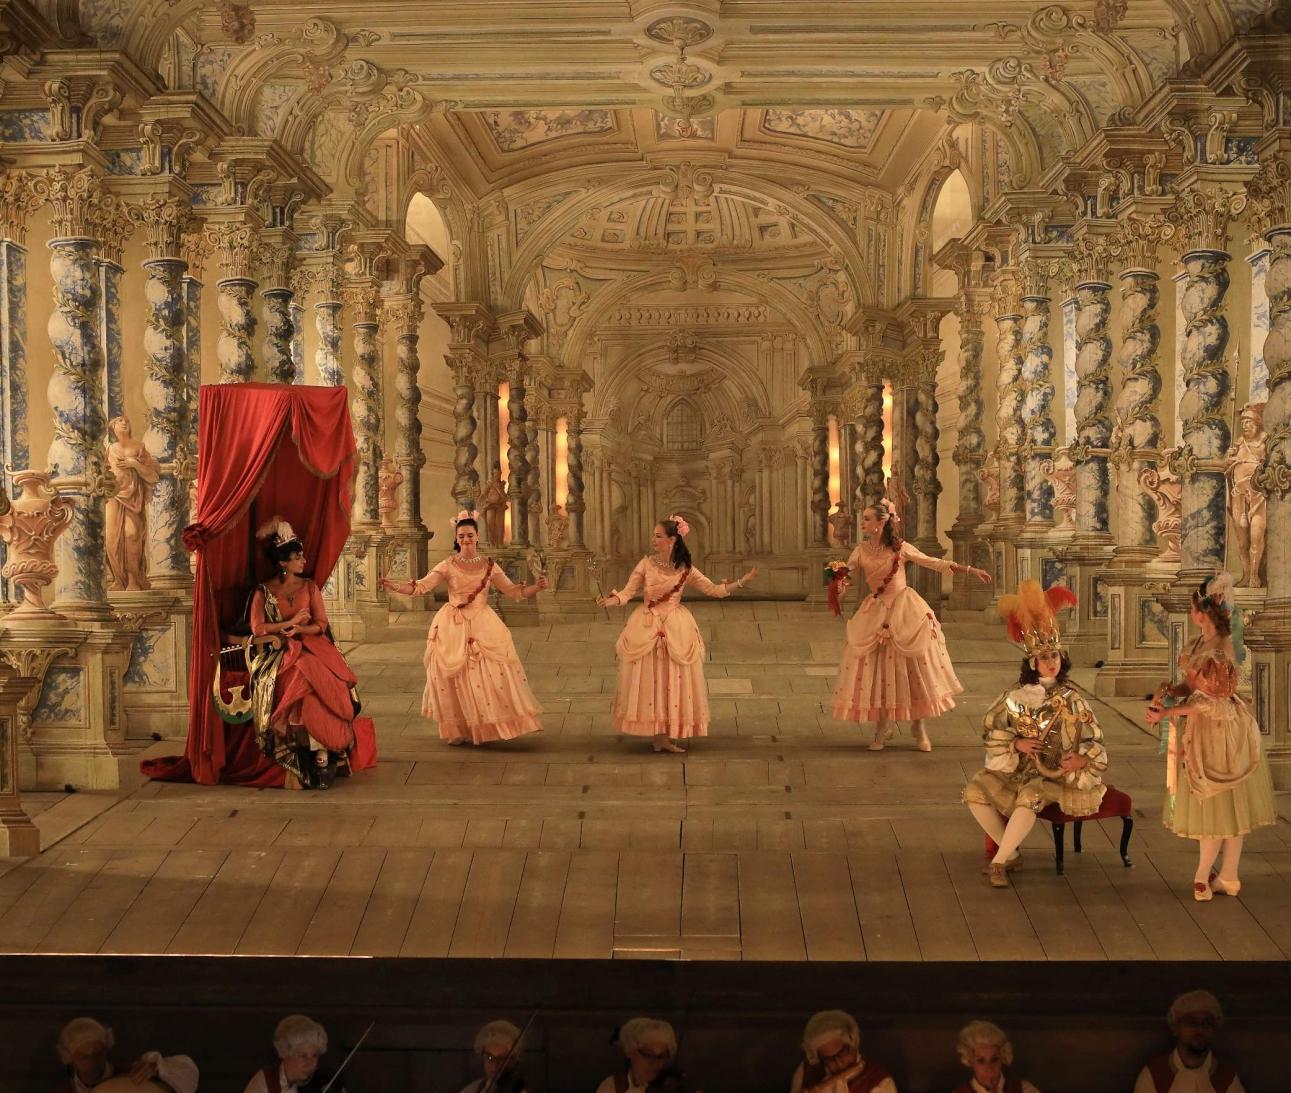 Mezinárodní hudební festival Č. Krumlov 2019 Musica Florea, Hartig Ensemble a sólisté Opera-balet v unikátním Barokním divadle 25.7.2019. Foto: Libor Sváček, box@fotosvacek.cz